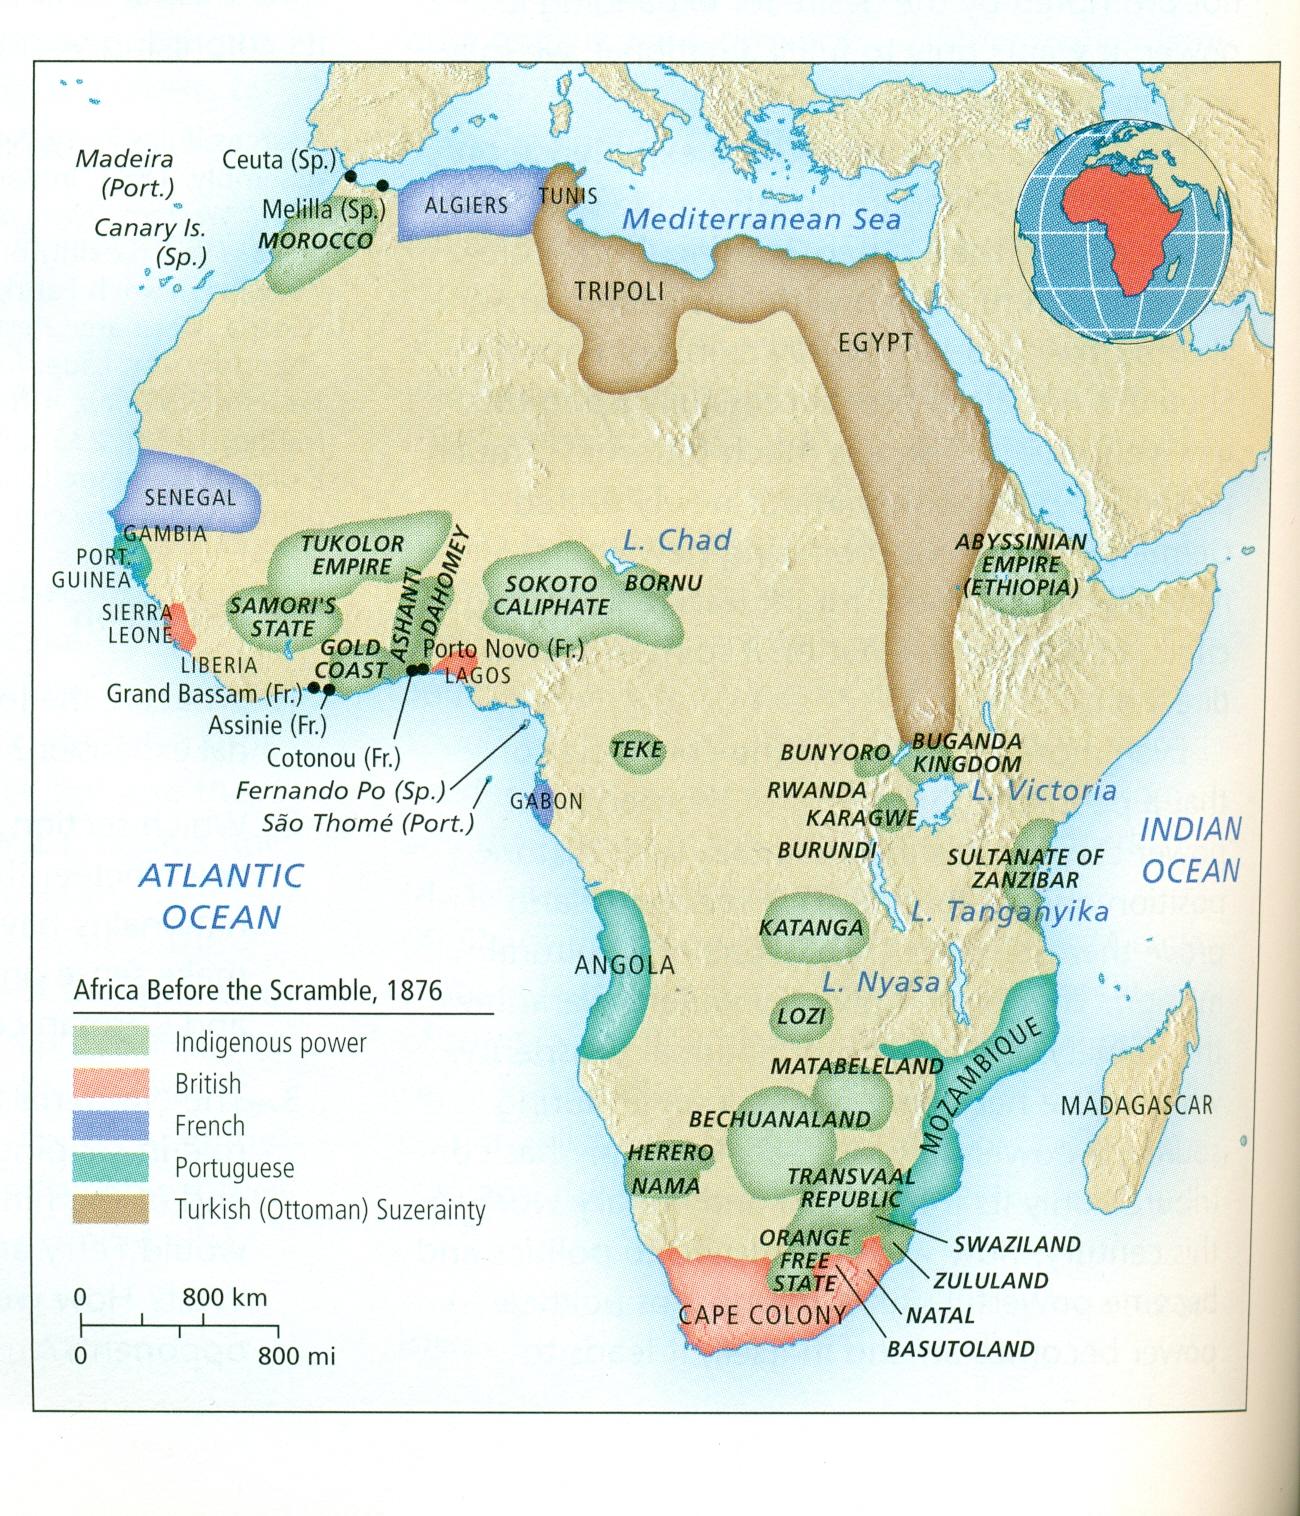 Pre Scramble Africa